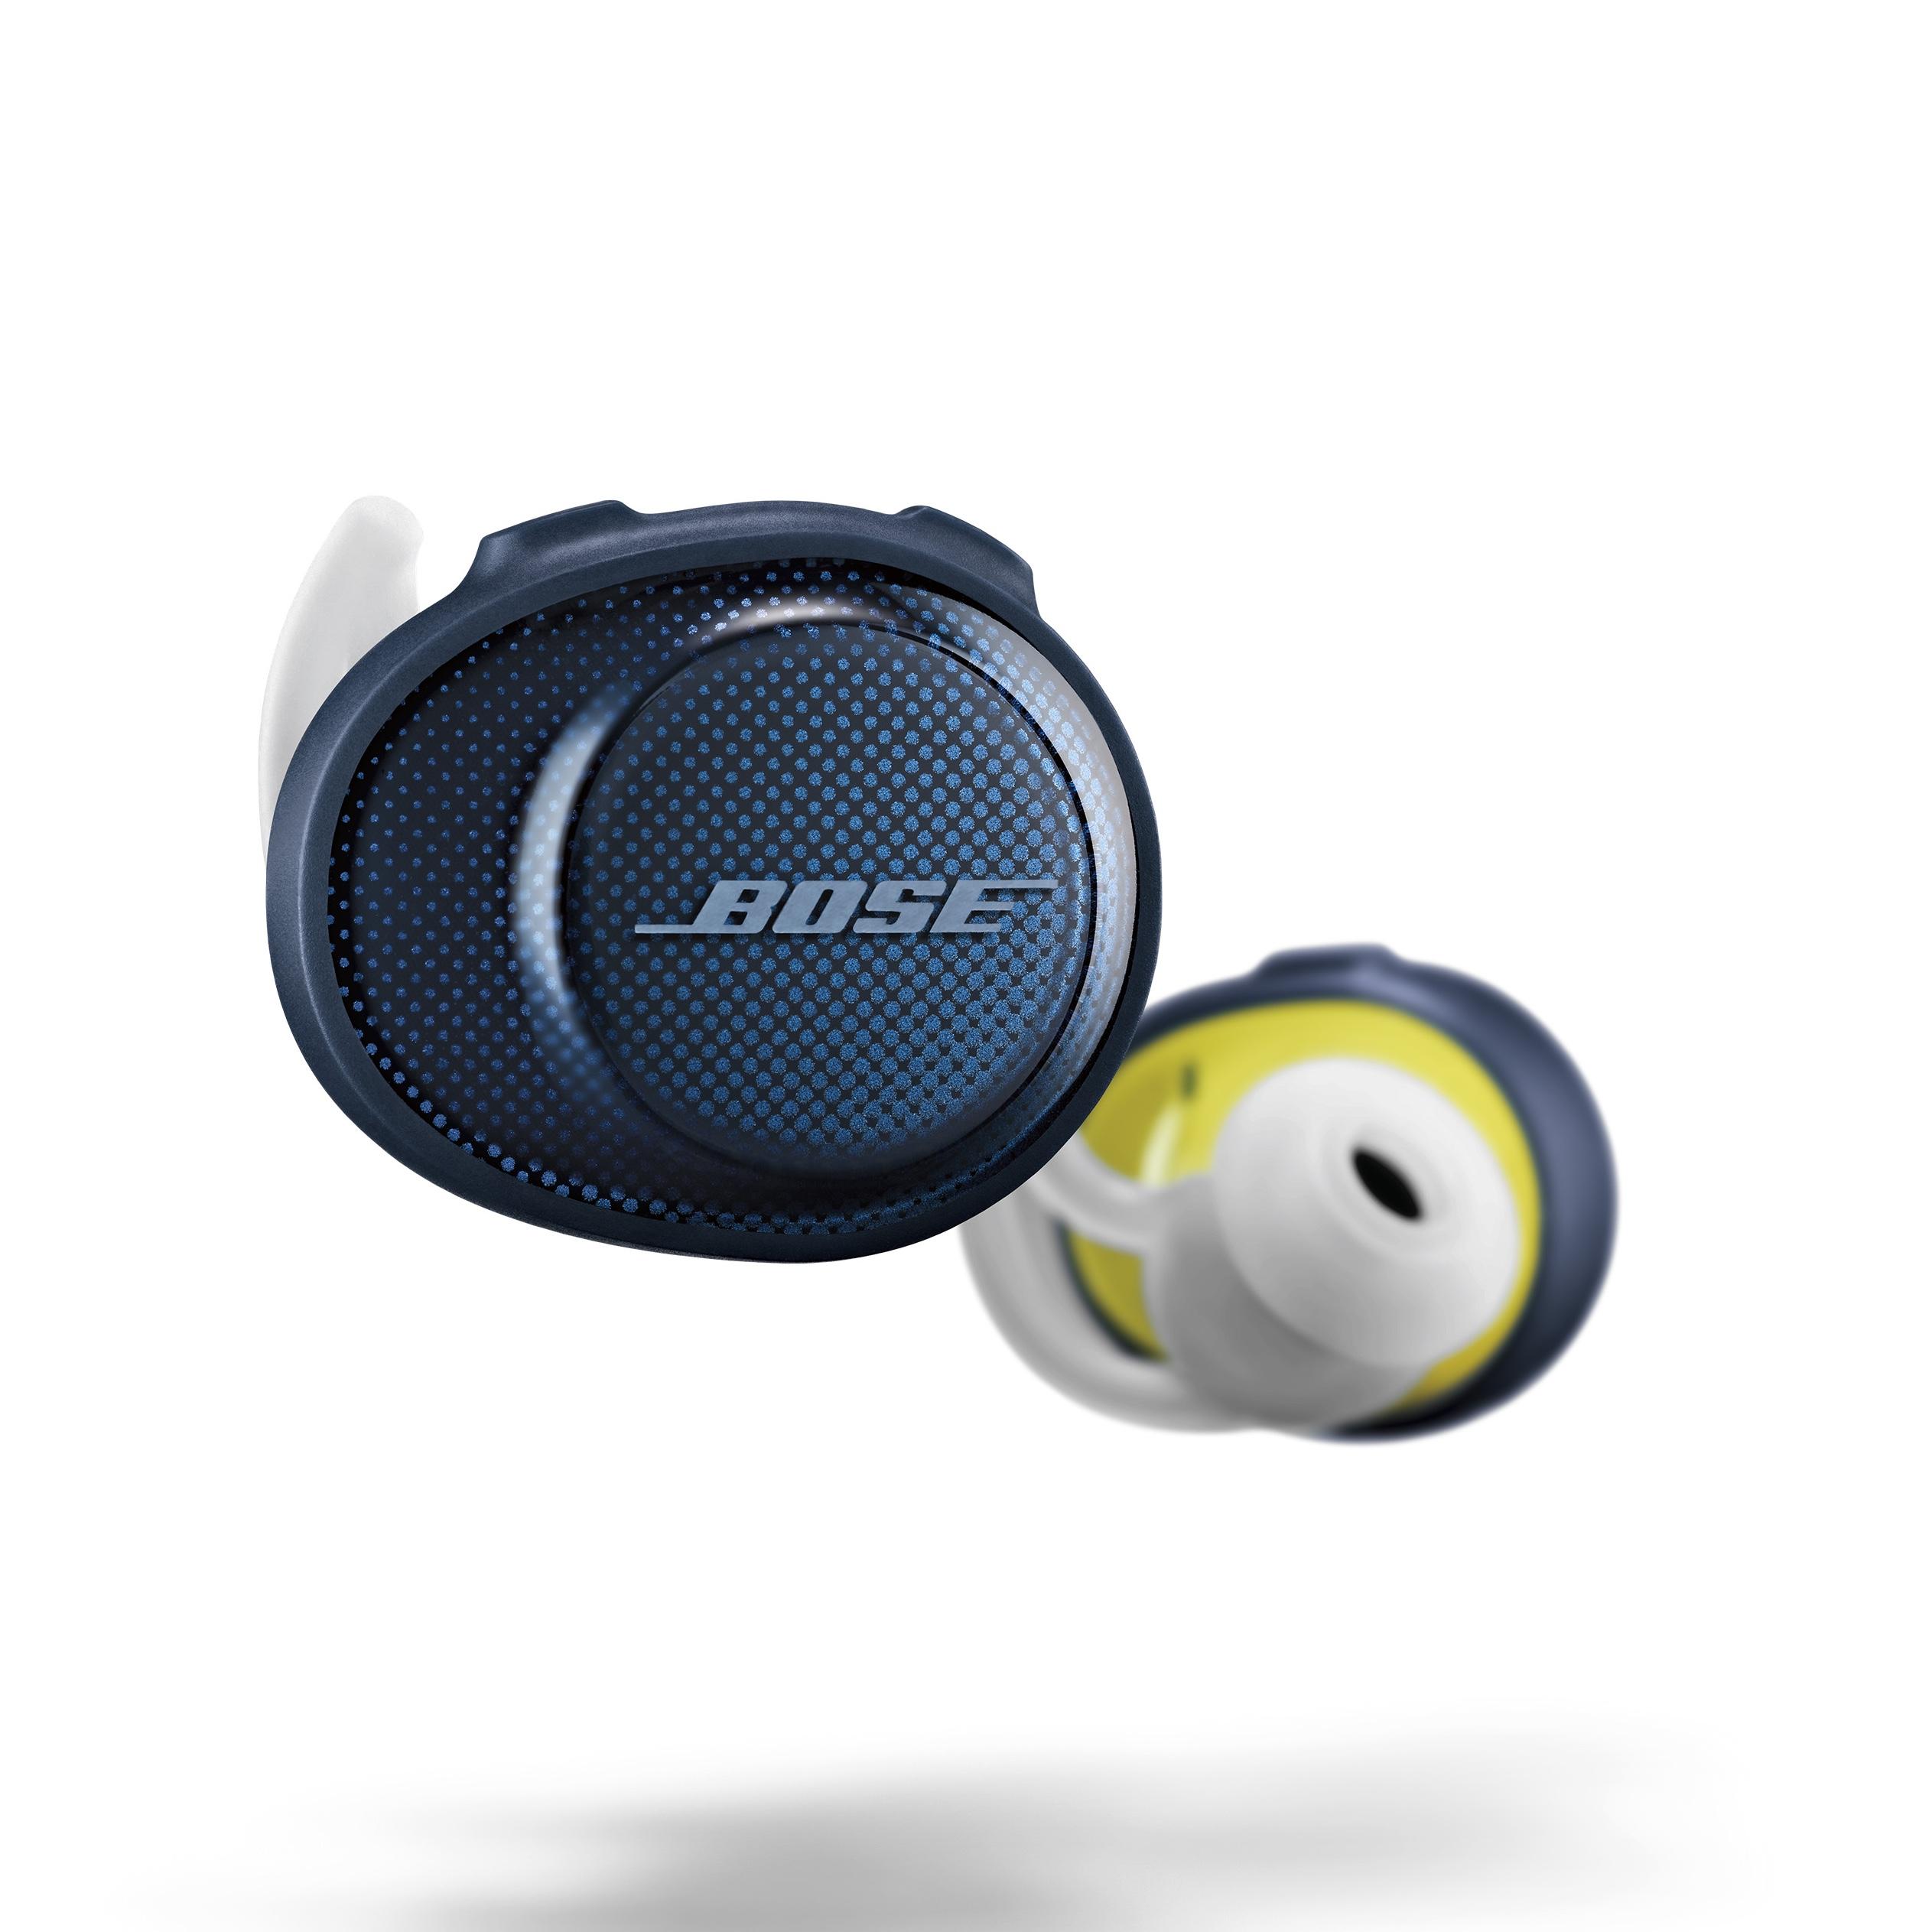 Wireless headphones jvc sport - sport earphones wireless bose